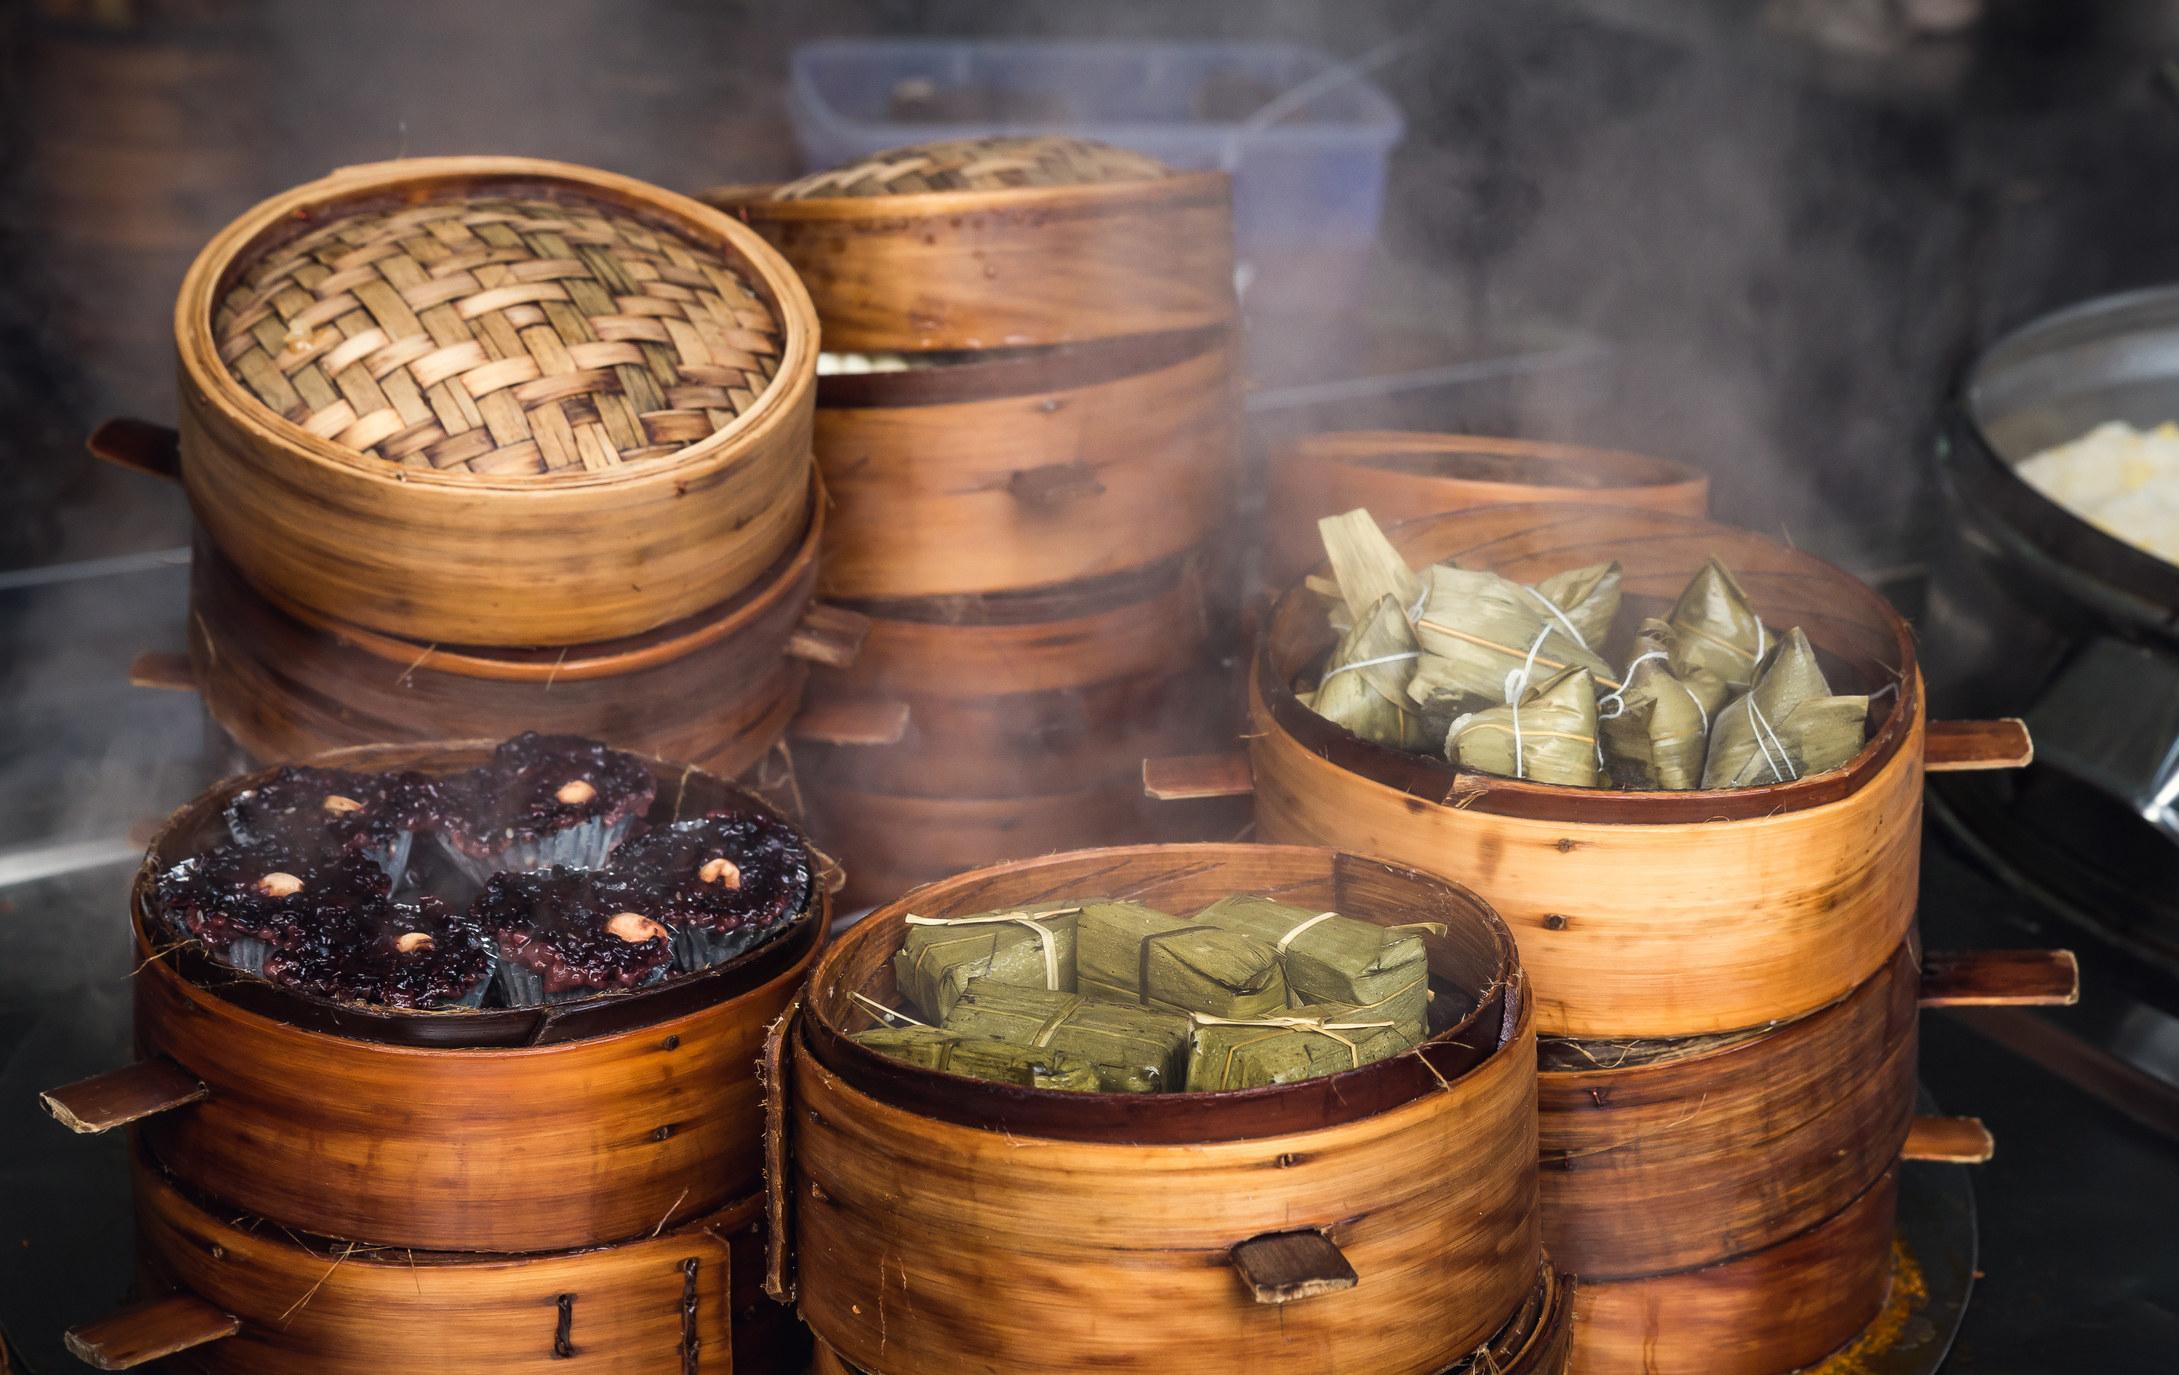 Street food in steamed baskets.